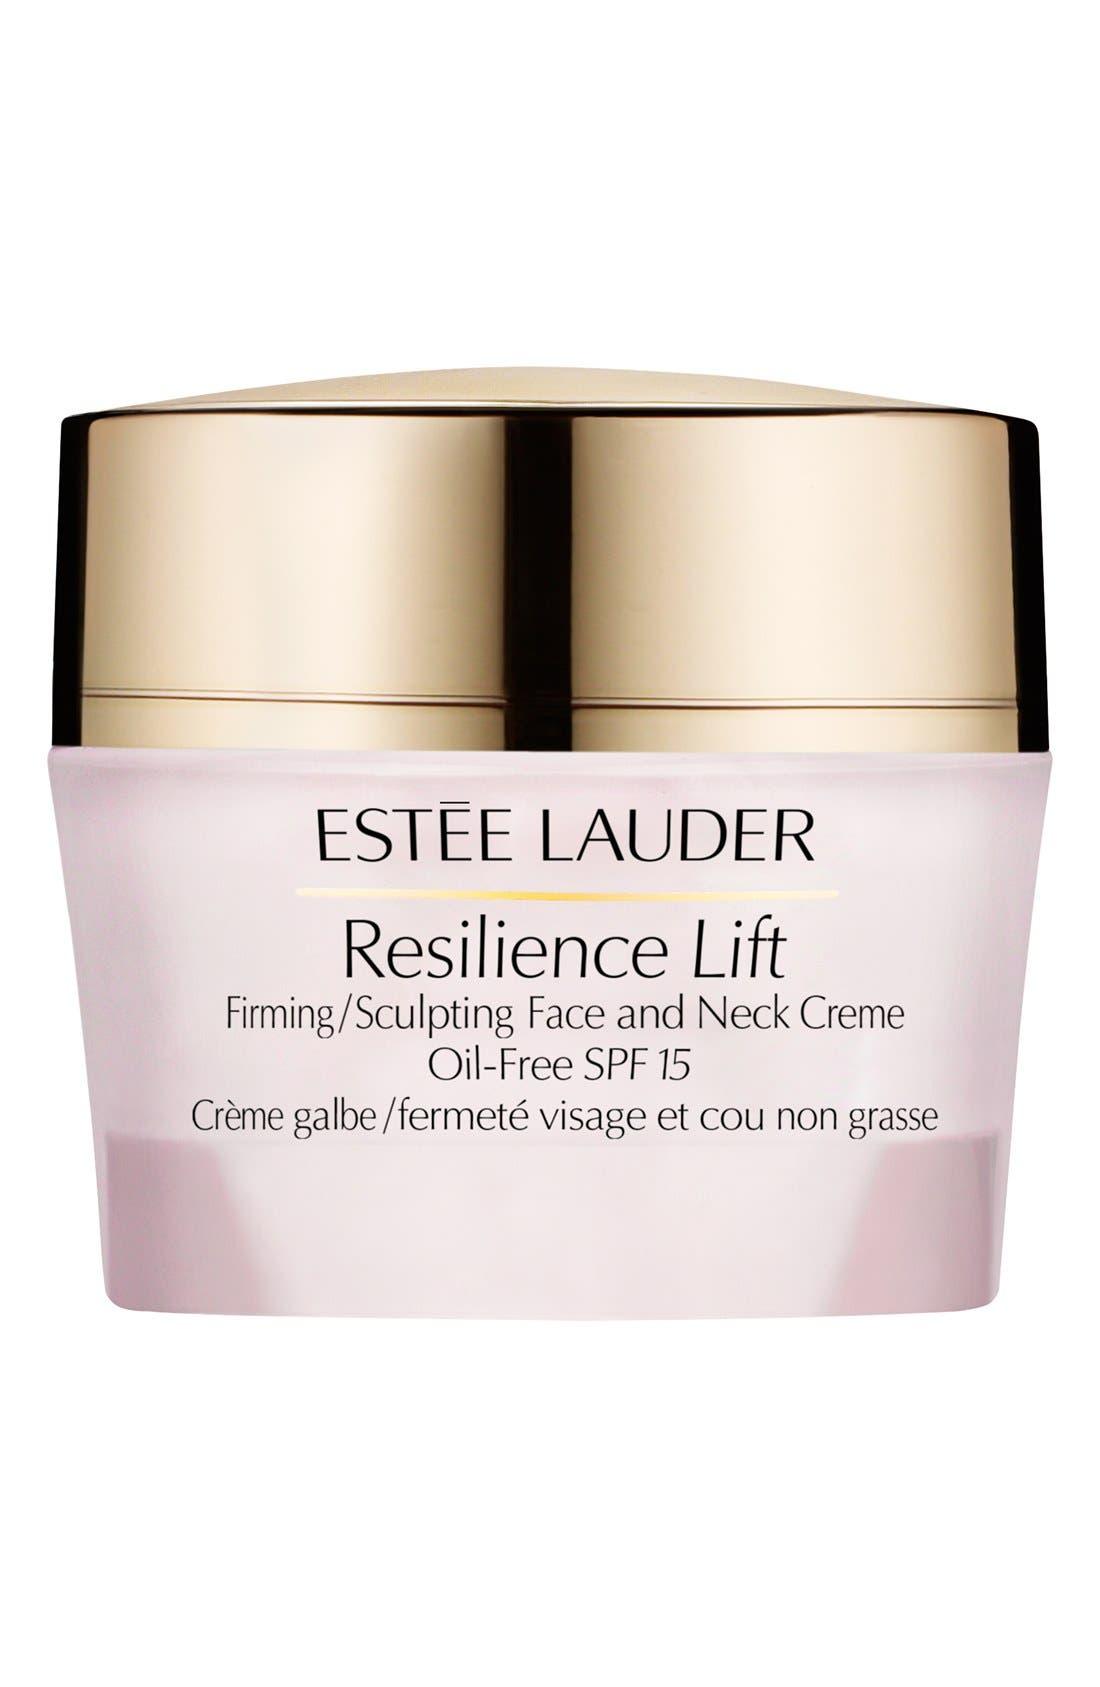 Estée Lauder Resilience Lift Firming/Sculpting Face & Neck Creme Oil-Free SPF 15